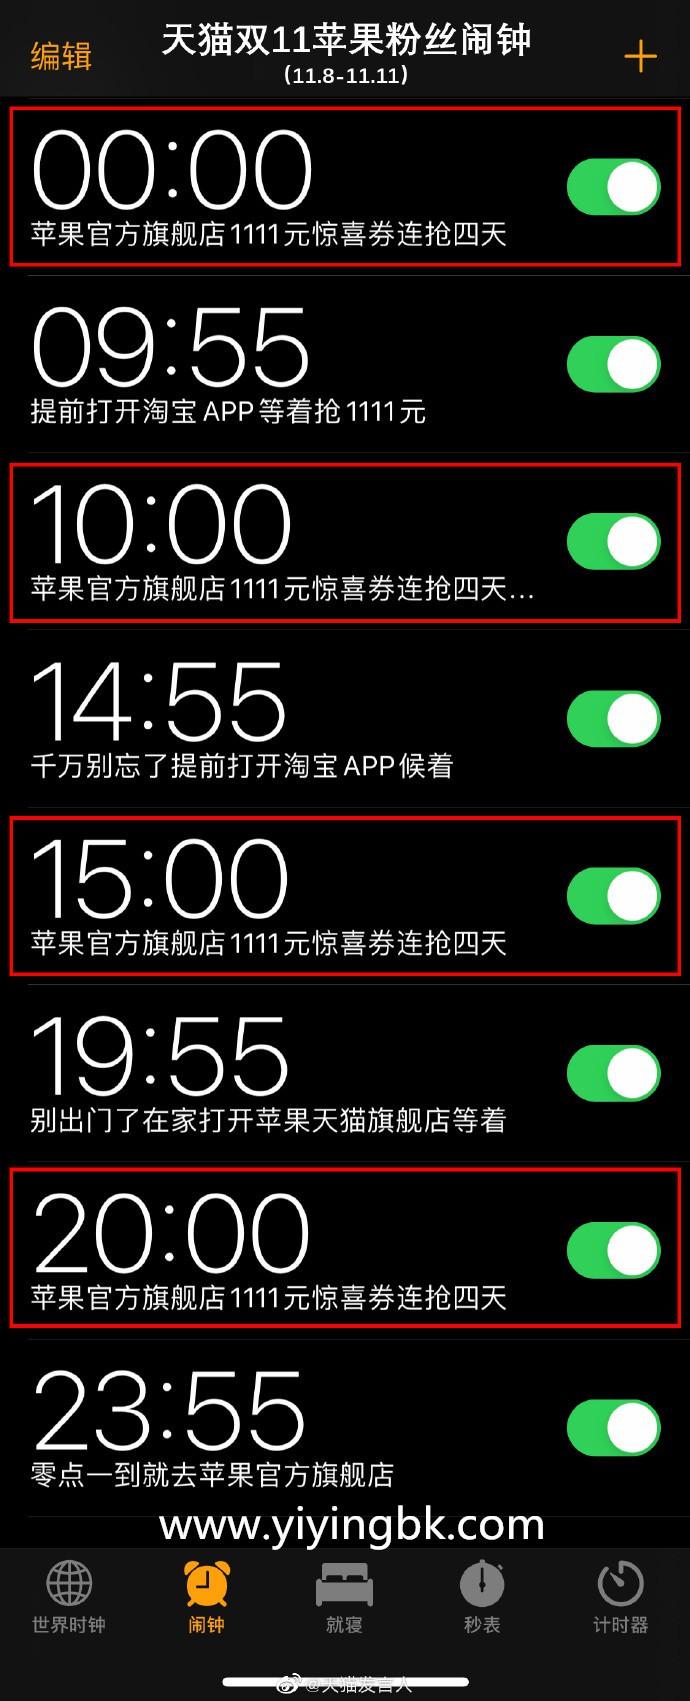 官方制作的天猫双11苹果粉丝闹钟,苹果官方最大让利!iPhone 11特惠:抢1111元大额劵